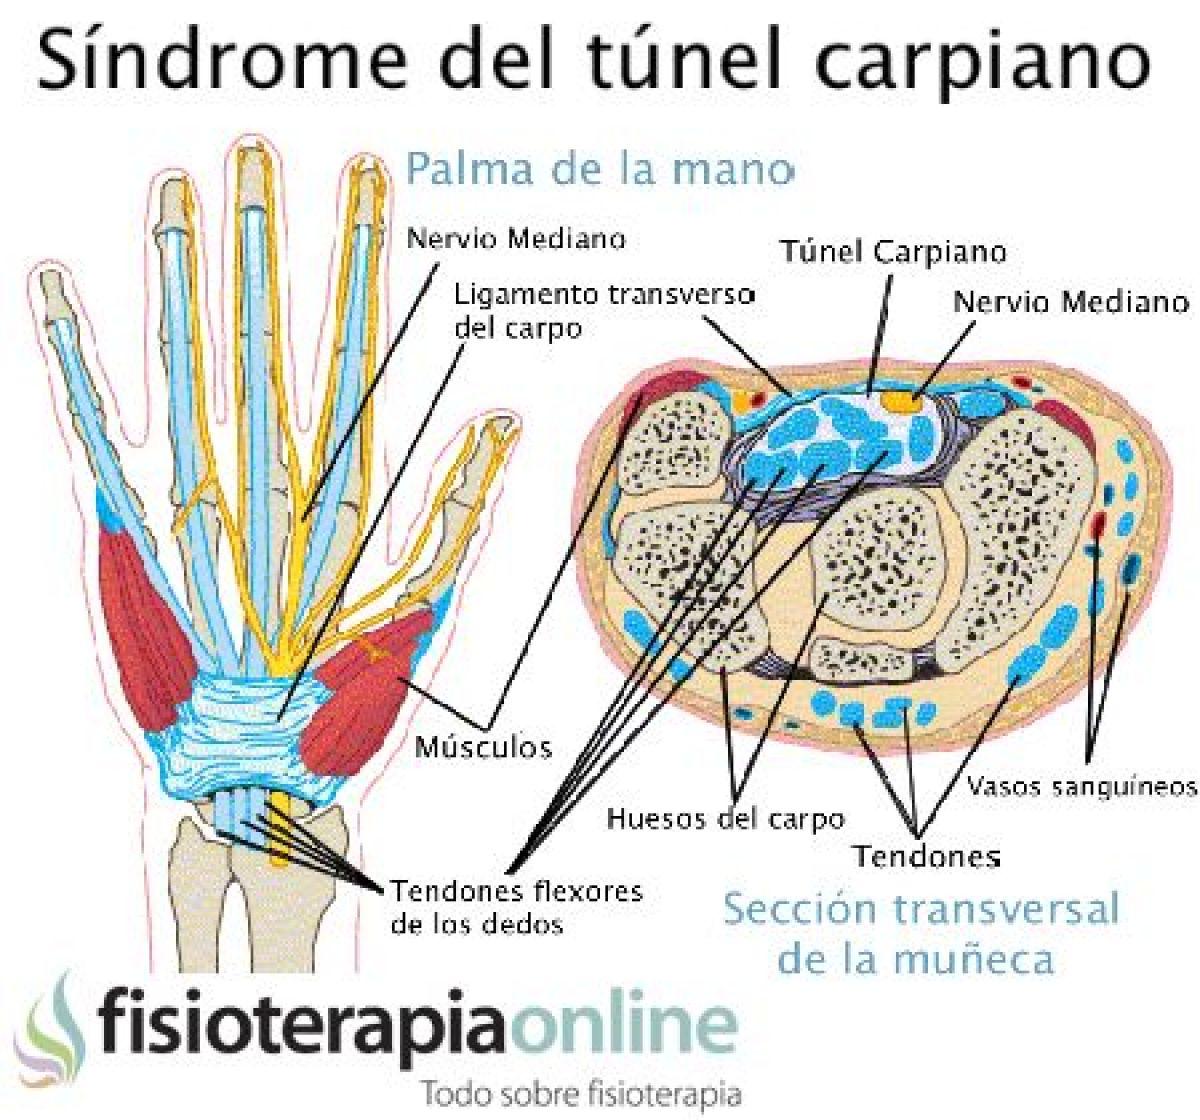 anatomía sindrome del tunel carpiano